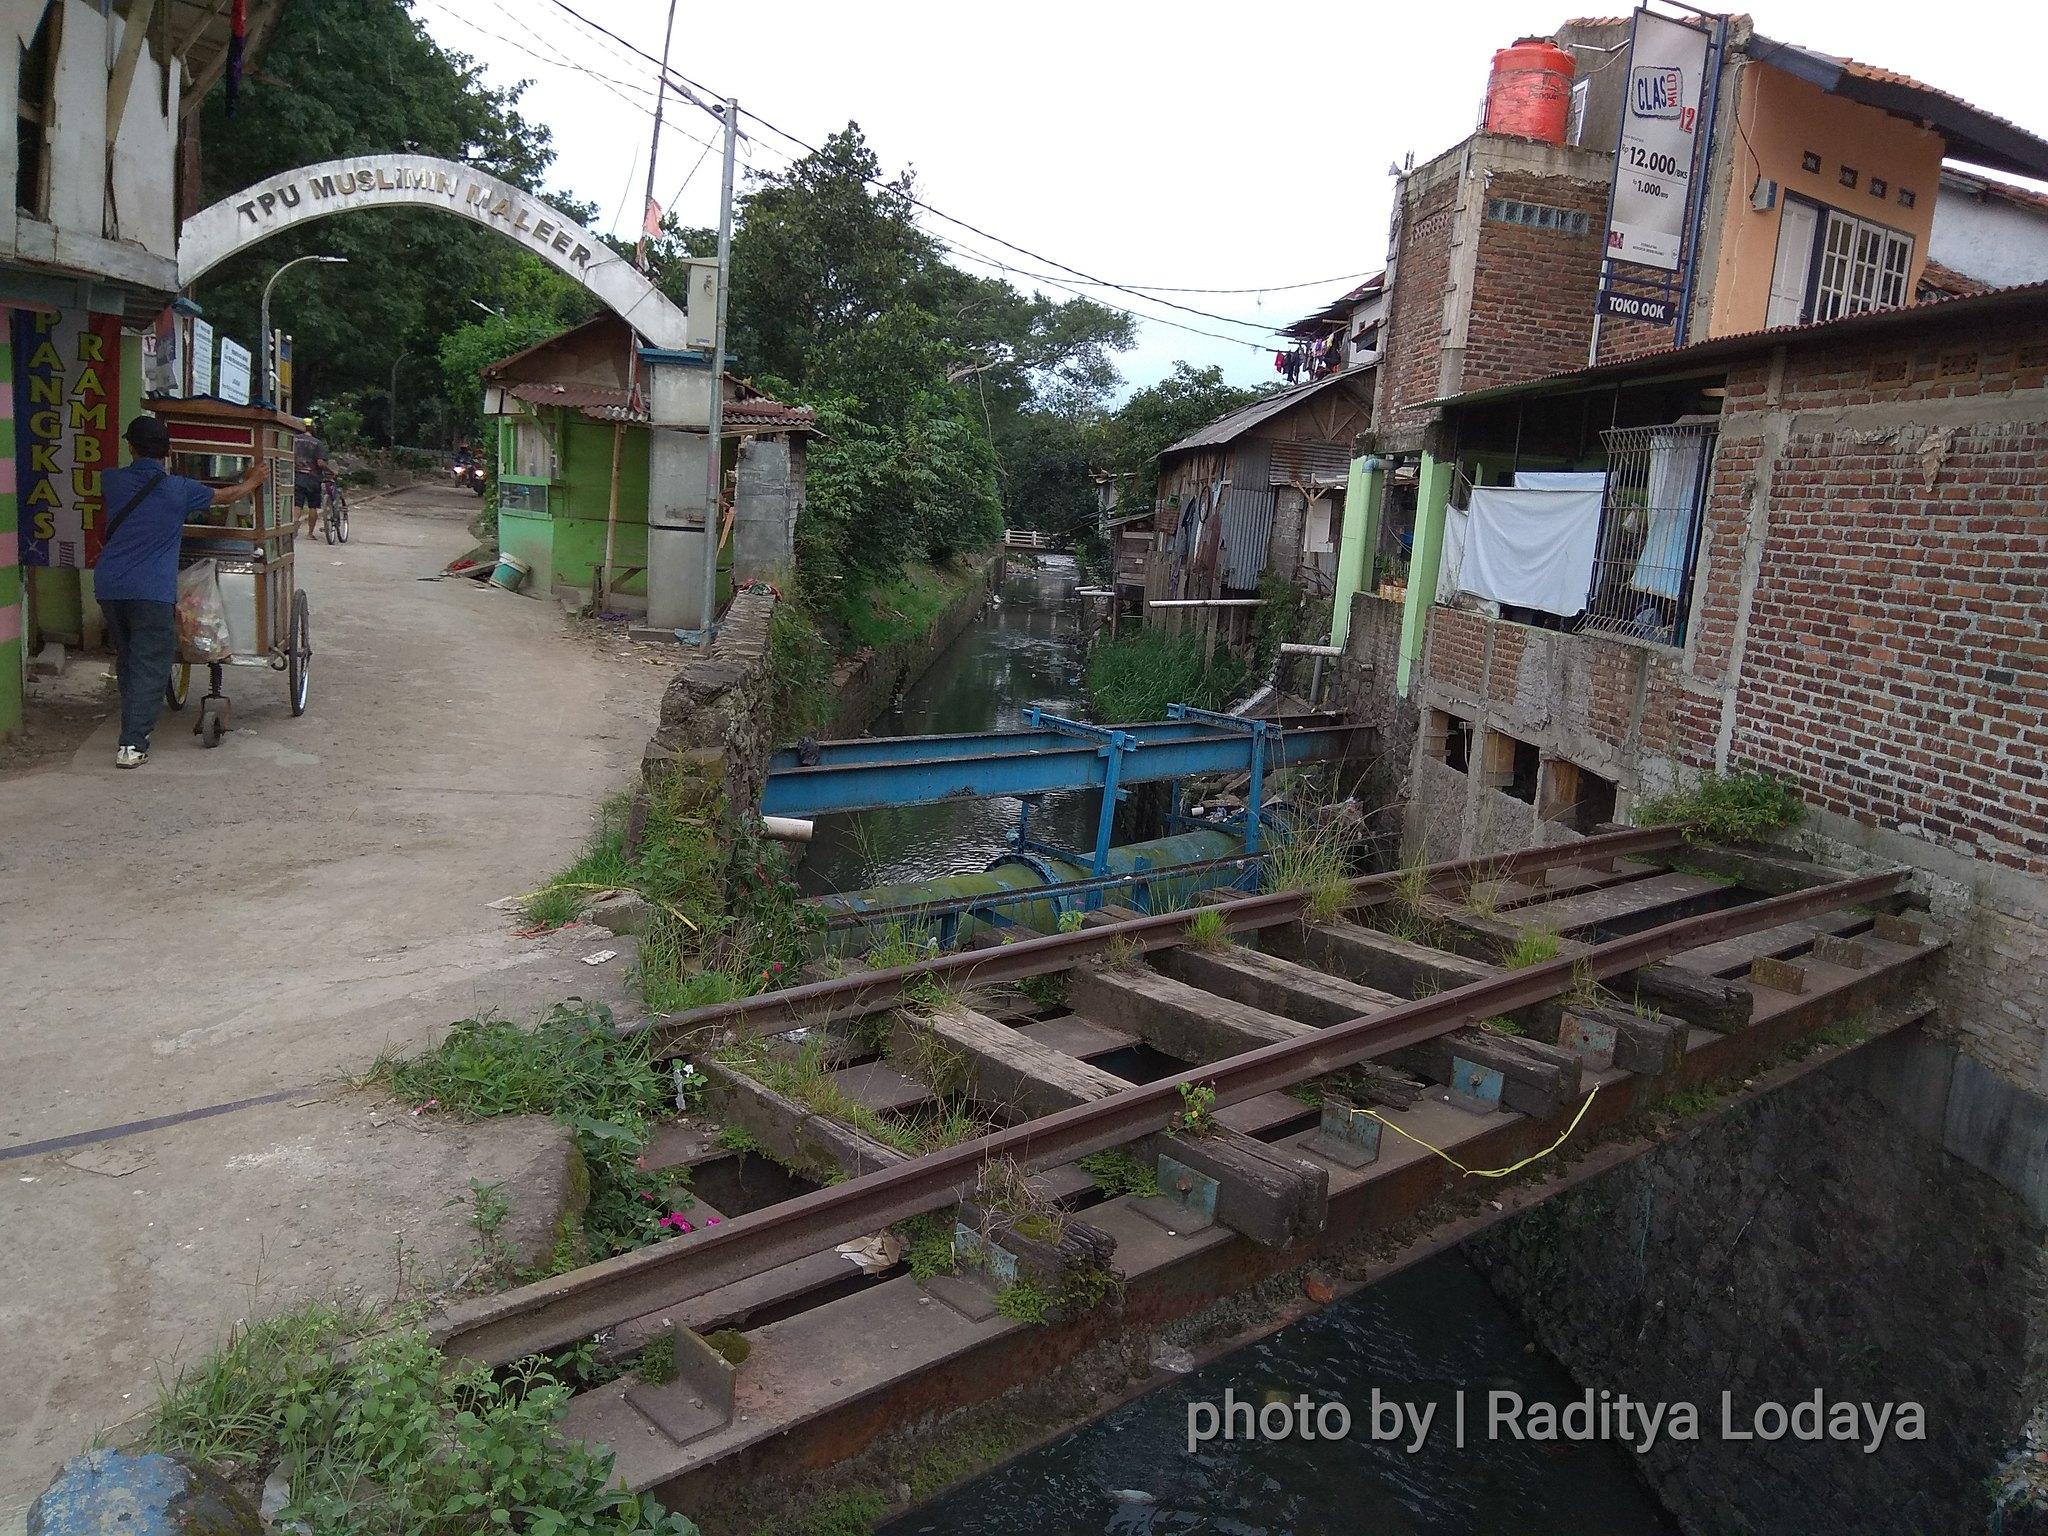 Jalur Kereta Api Mati di Bandung (3): Jembatan di petak Cibangkong-Cibangkong Lor (1/2)